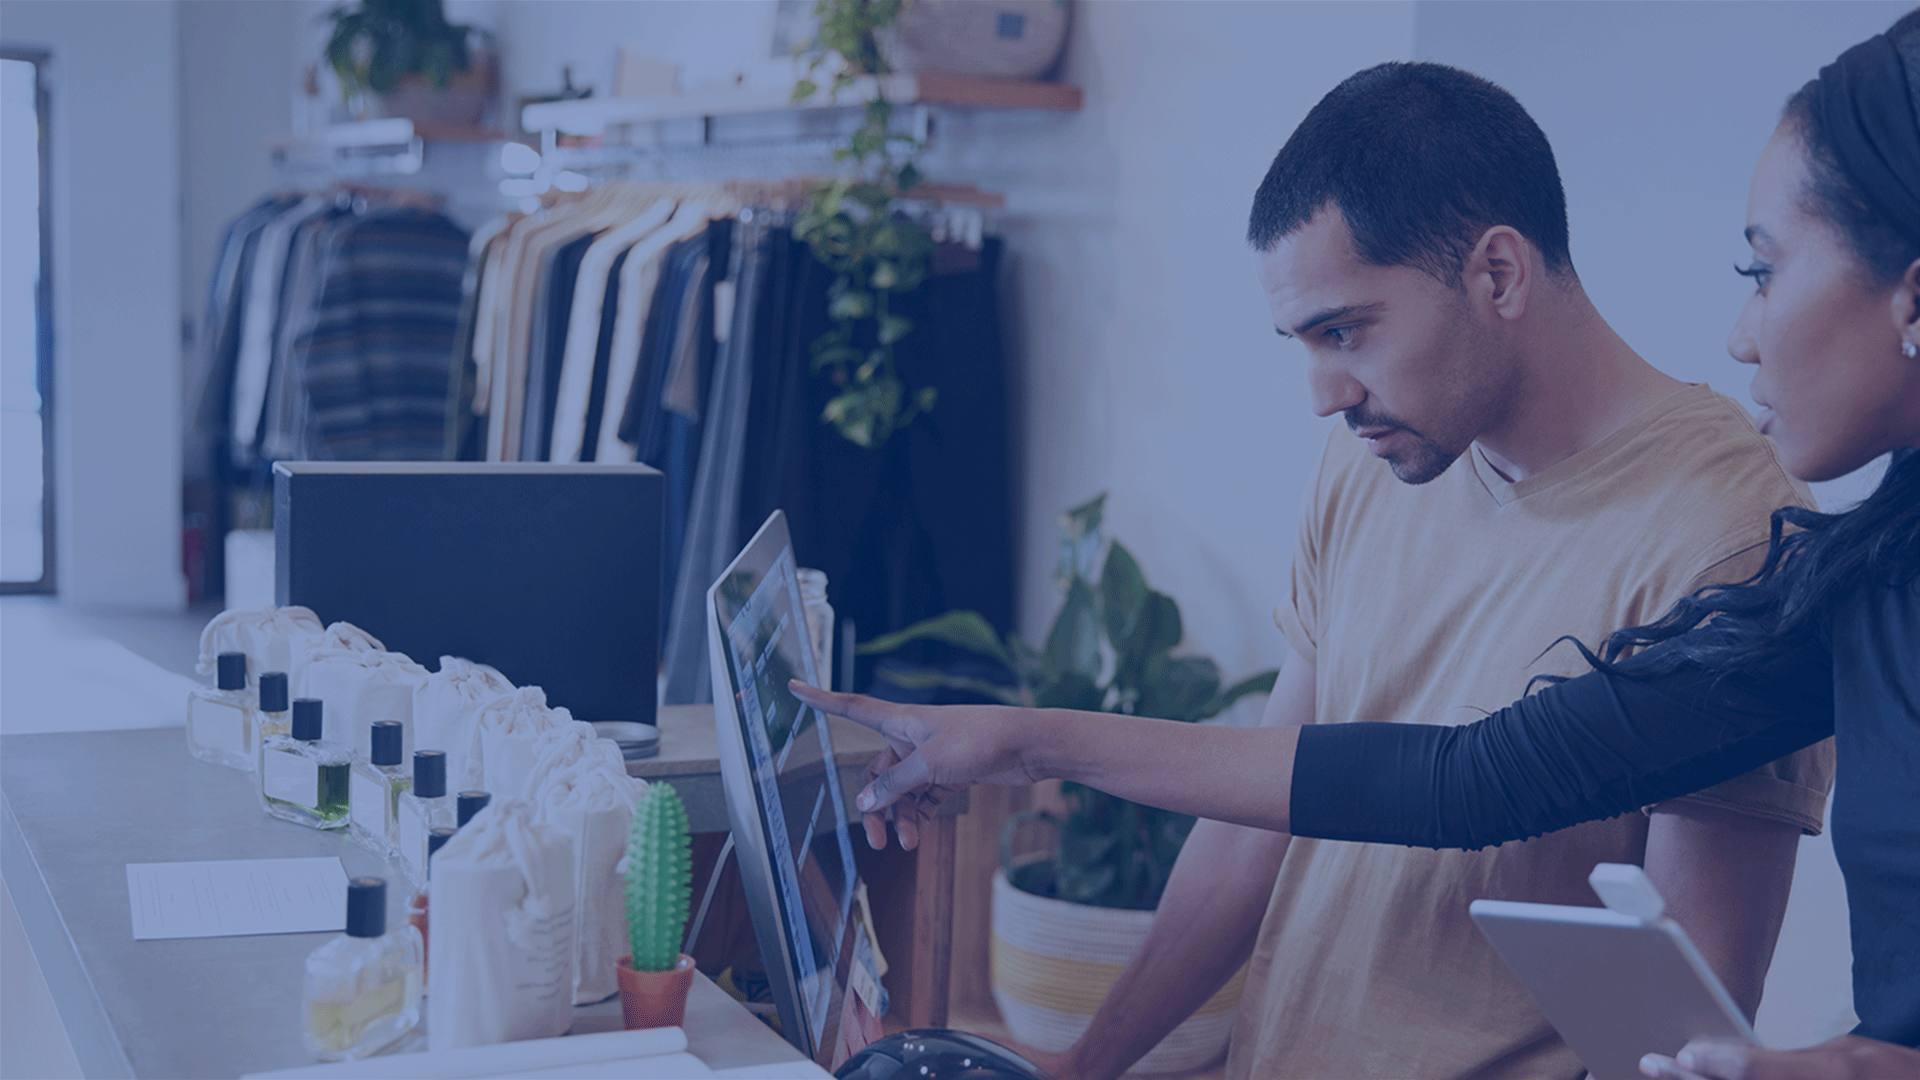 Um sistema de gestão completo <br> para impulsionar o seu negócio